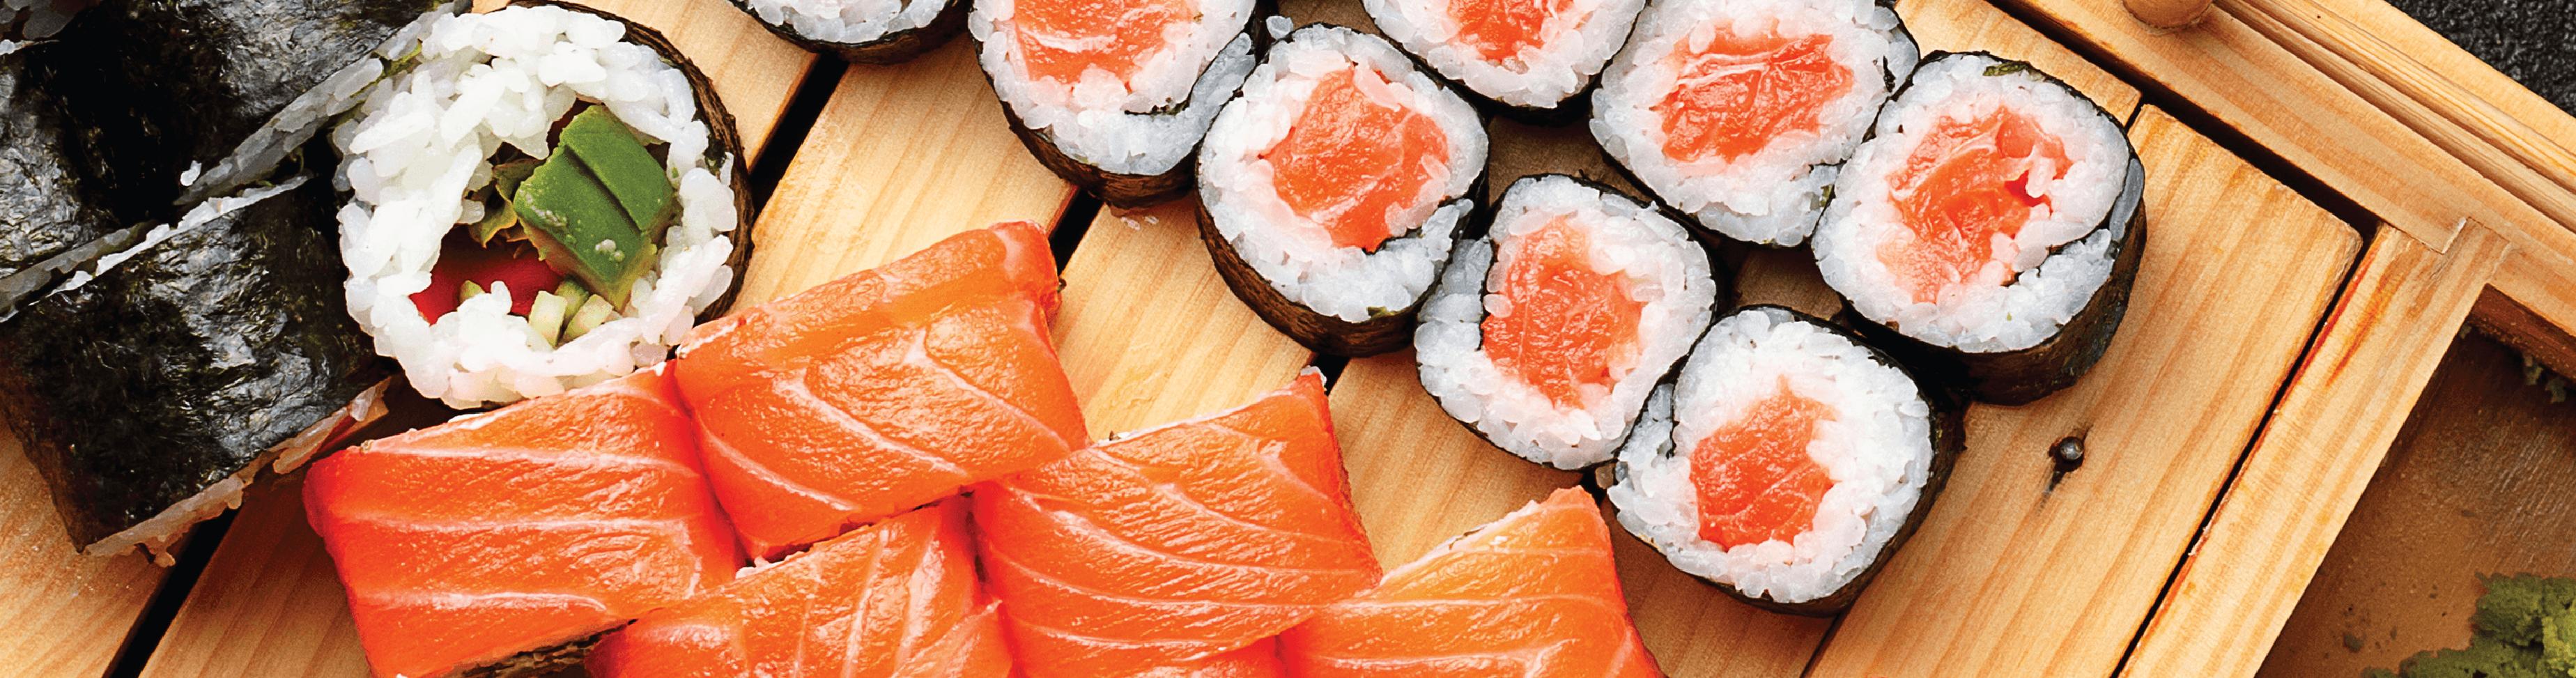 mesa de madeira com peças de sushis e sashimis - comidas típicas do japão